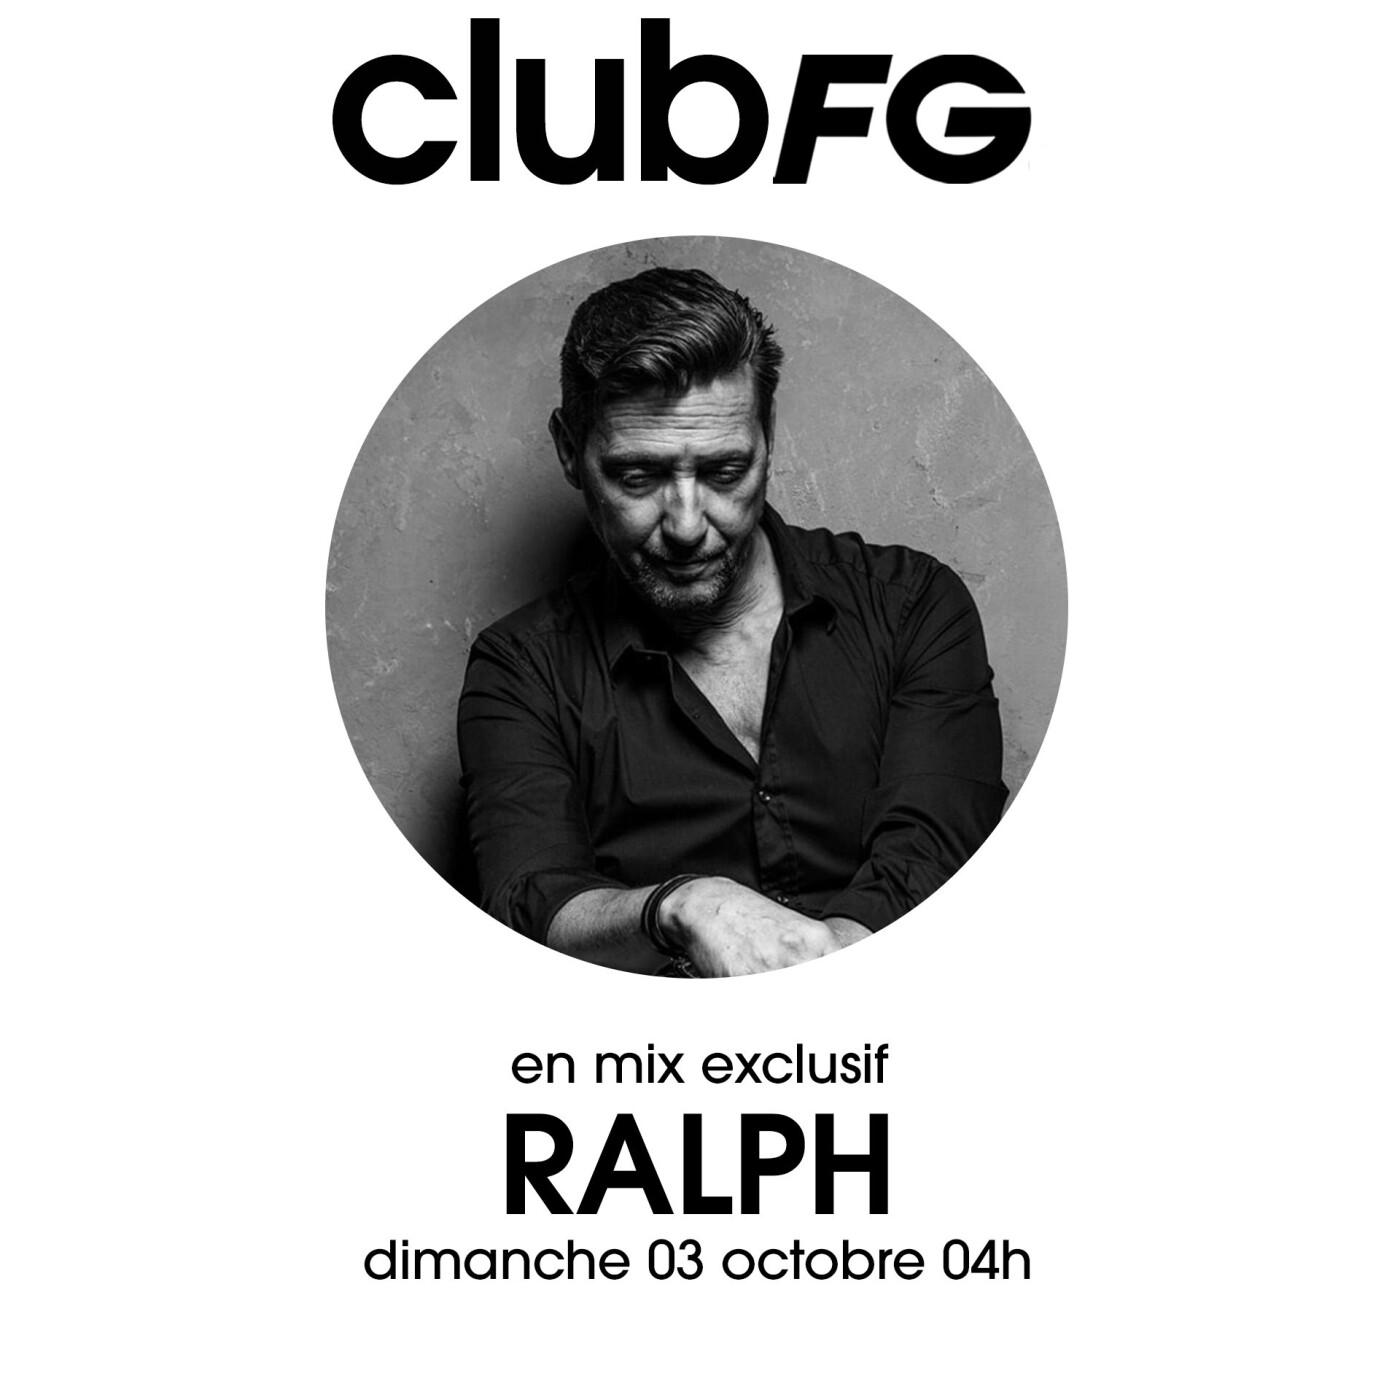 CLUB FG : DJ RALPH